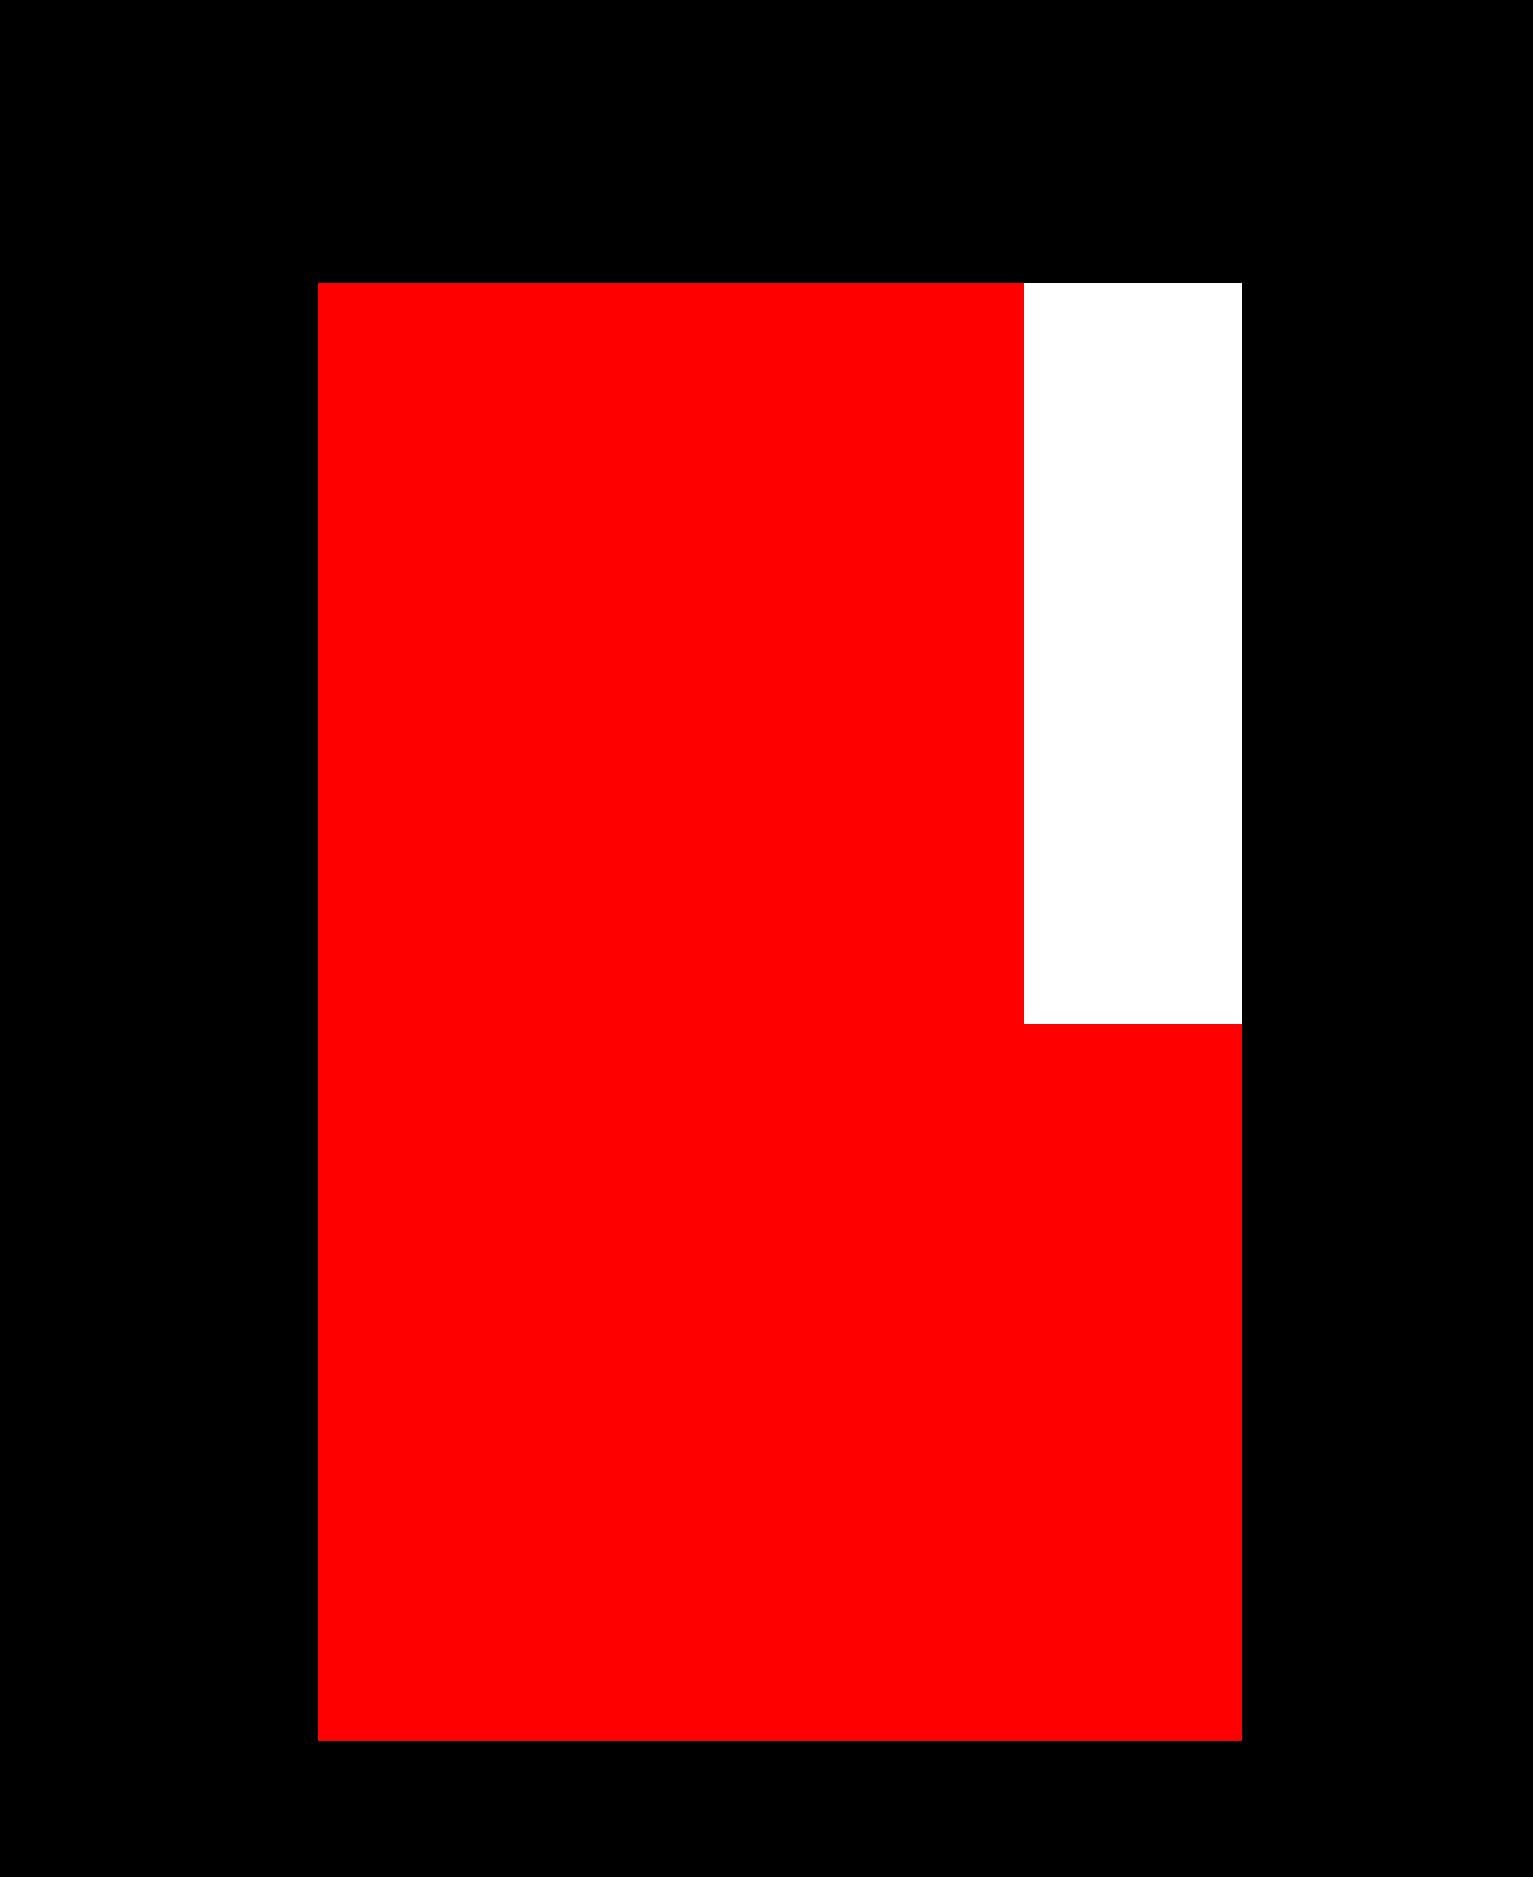 freccia giu